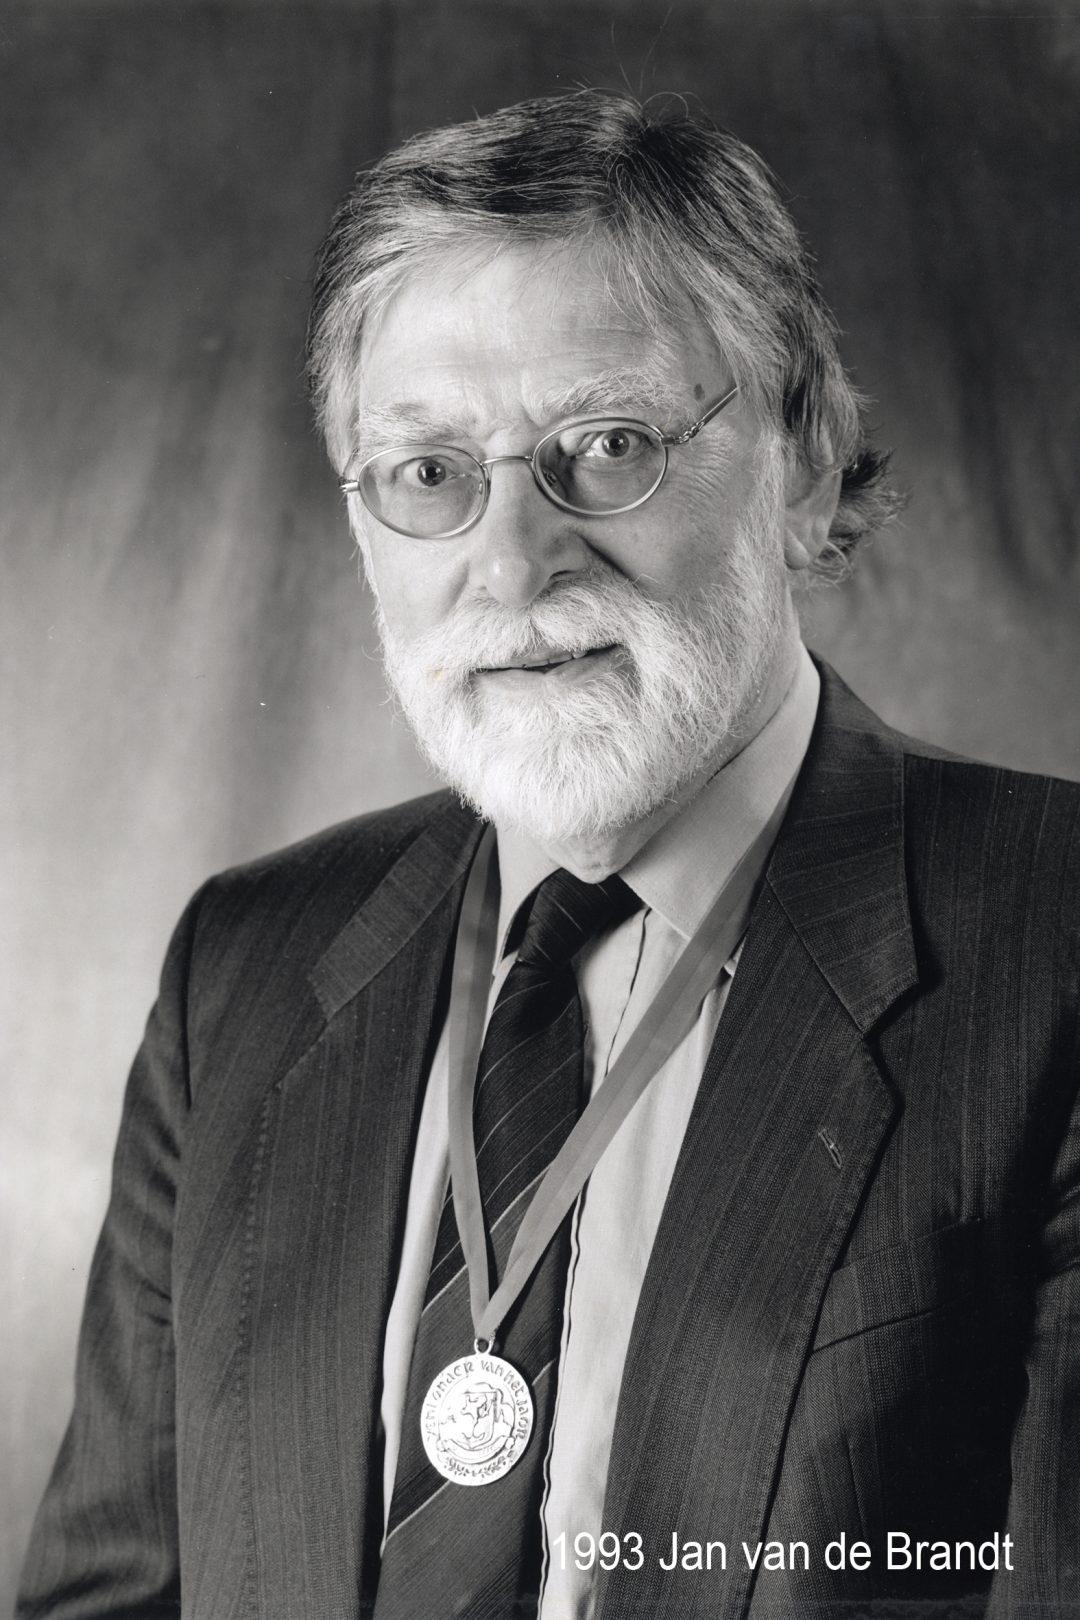 1993 – Jan van de Brandt